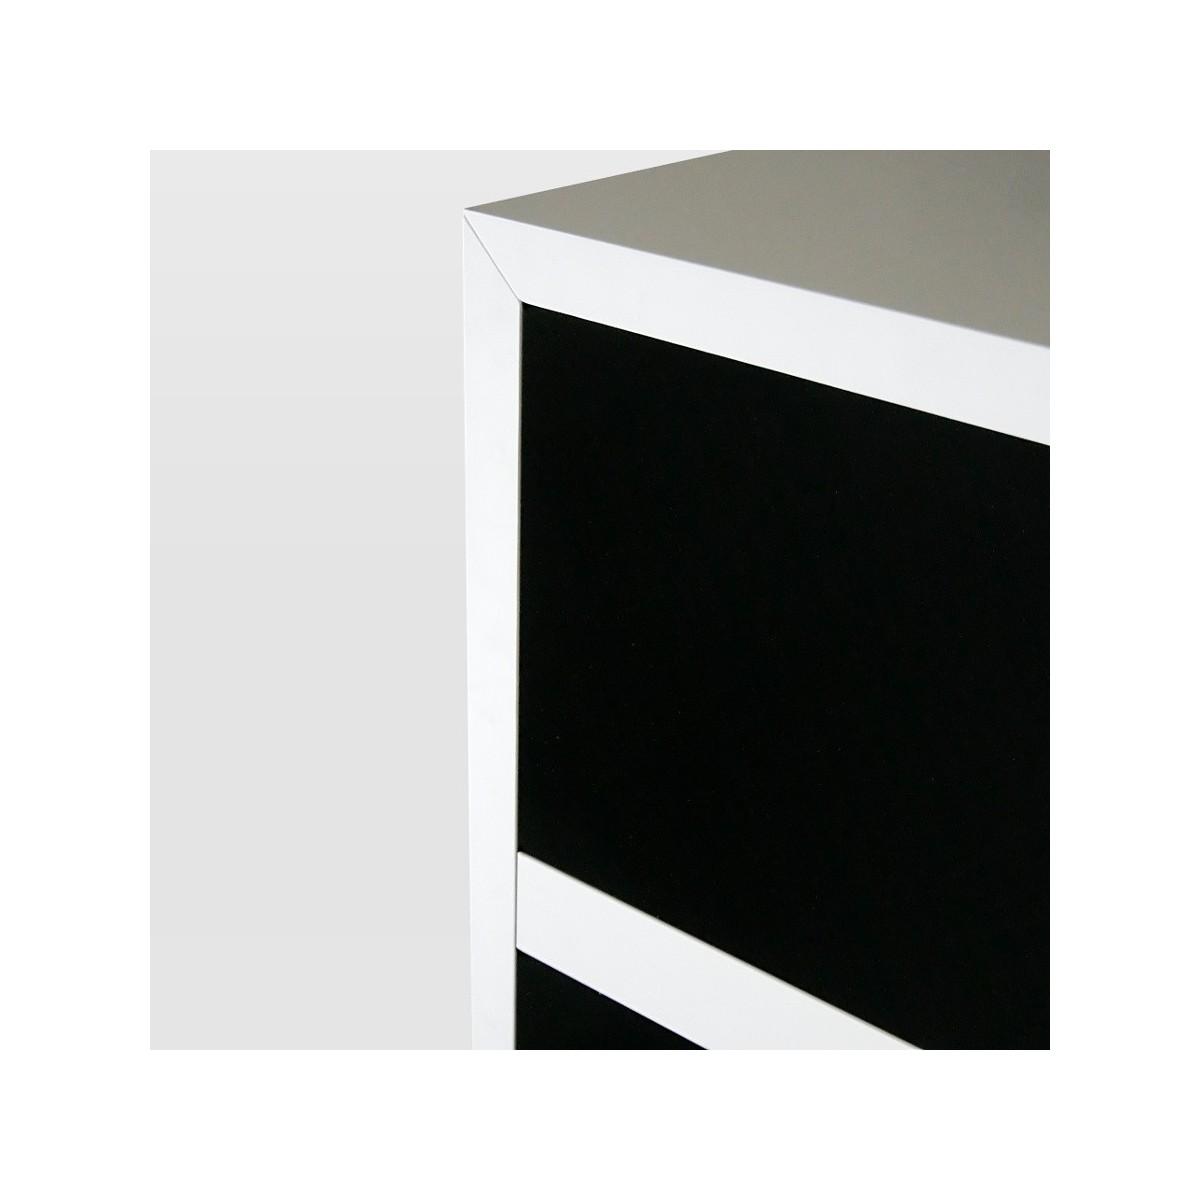 Abc news libreria componibile con cubi lettere in legno for Libreria cubi componibile